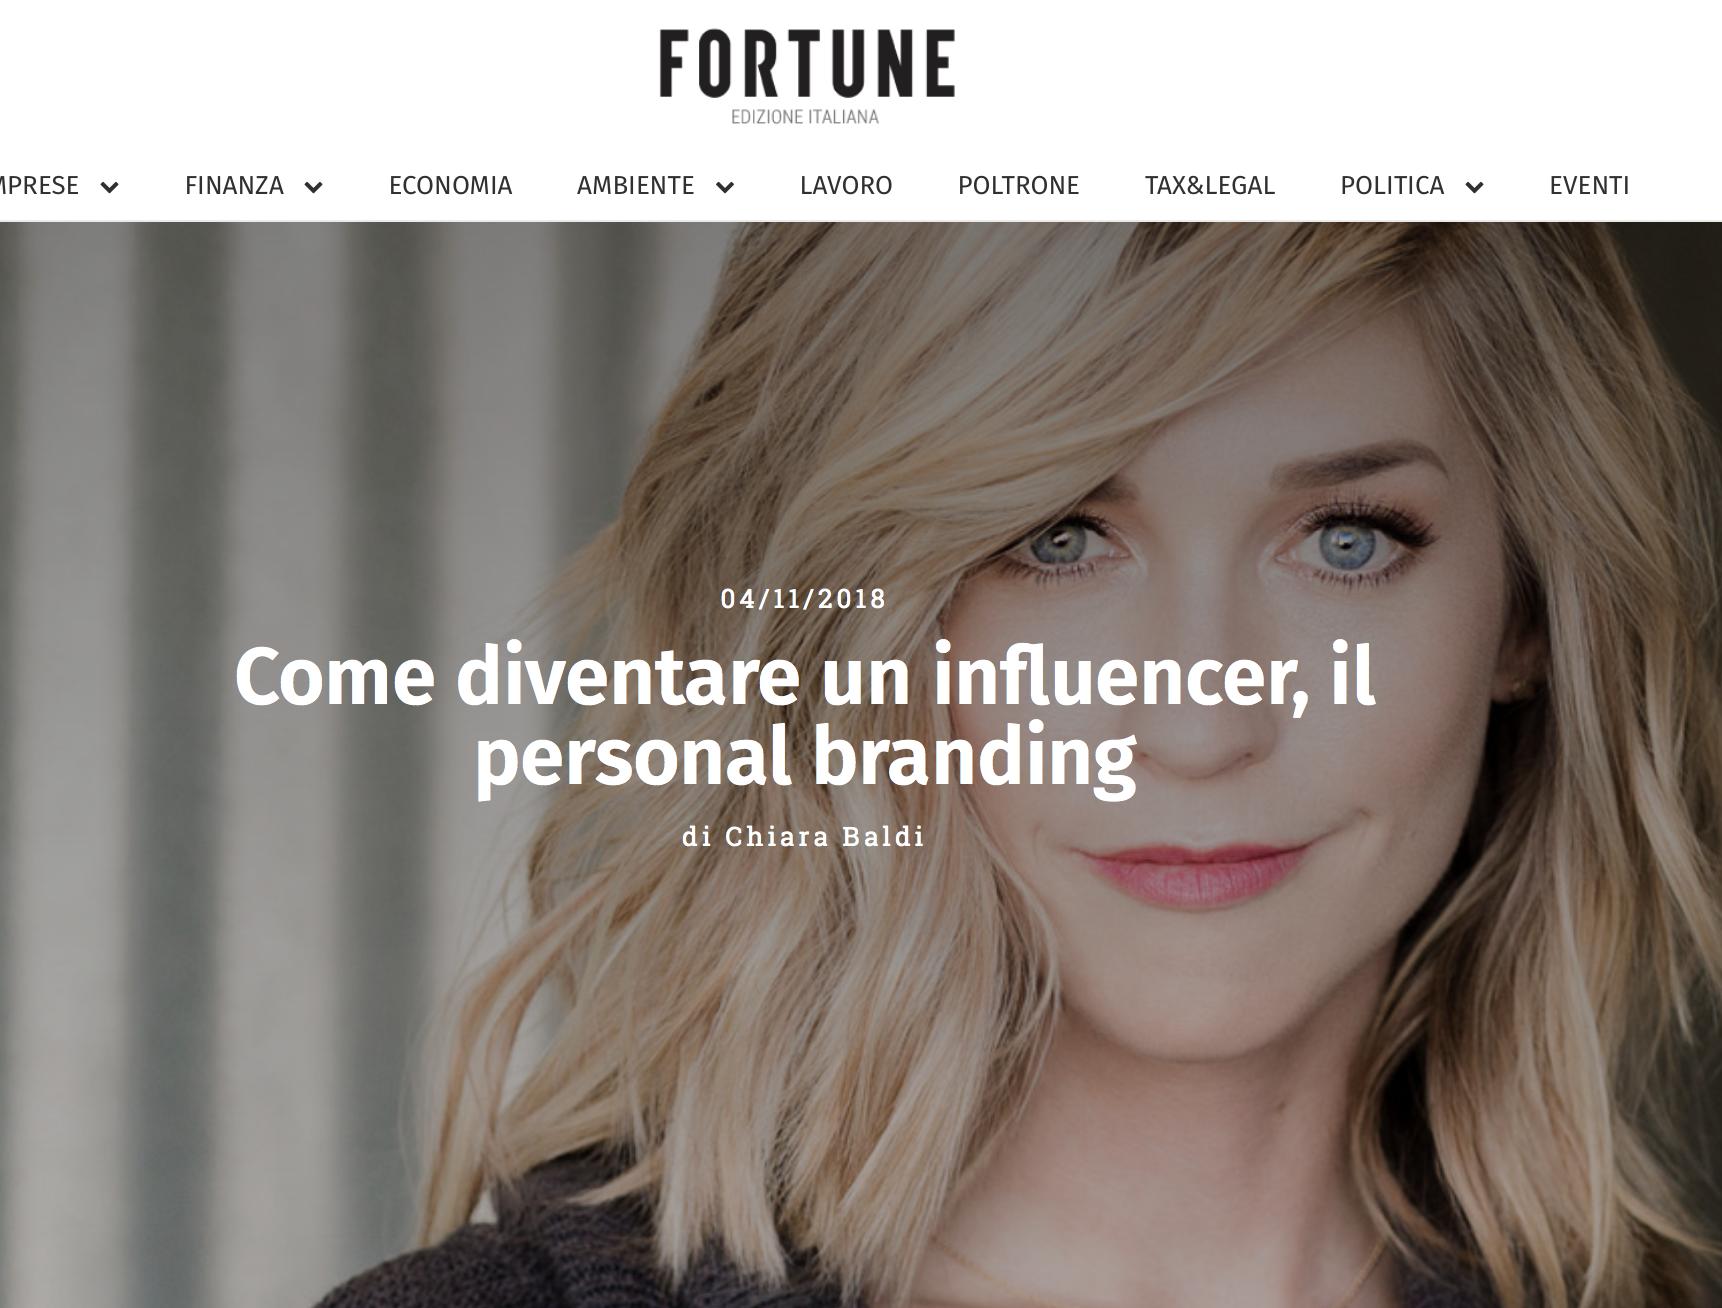 Come diventare un influencer, il personal branding - FORTUNE ITALIA